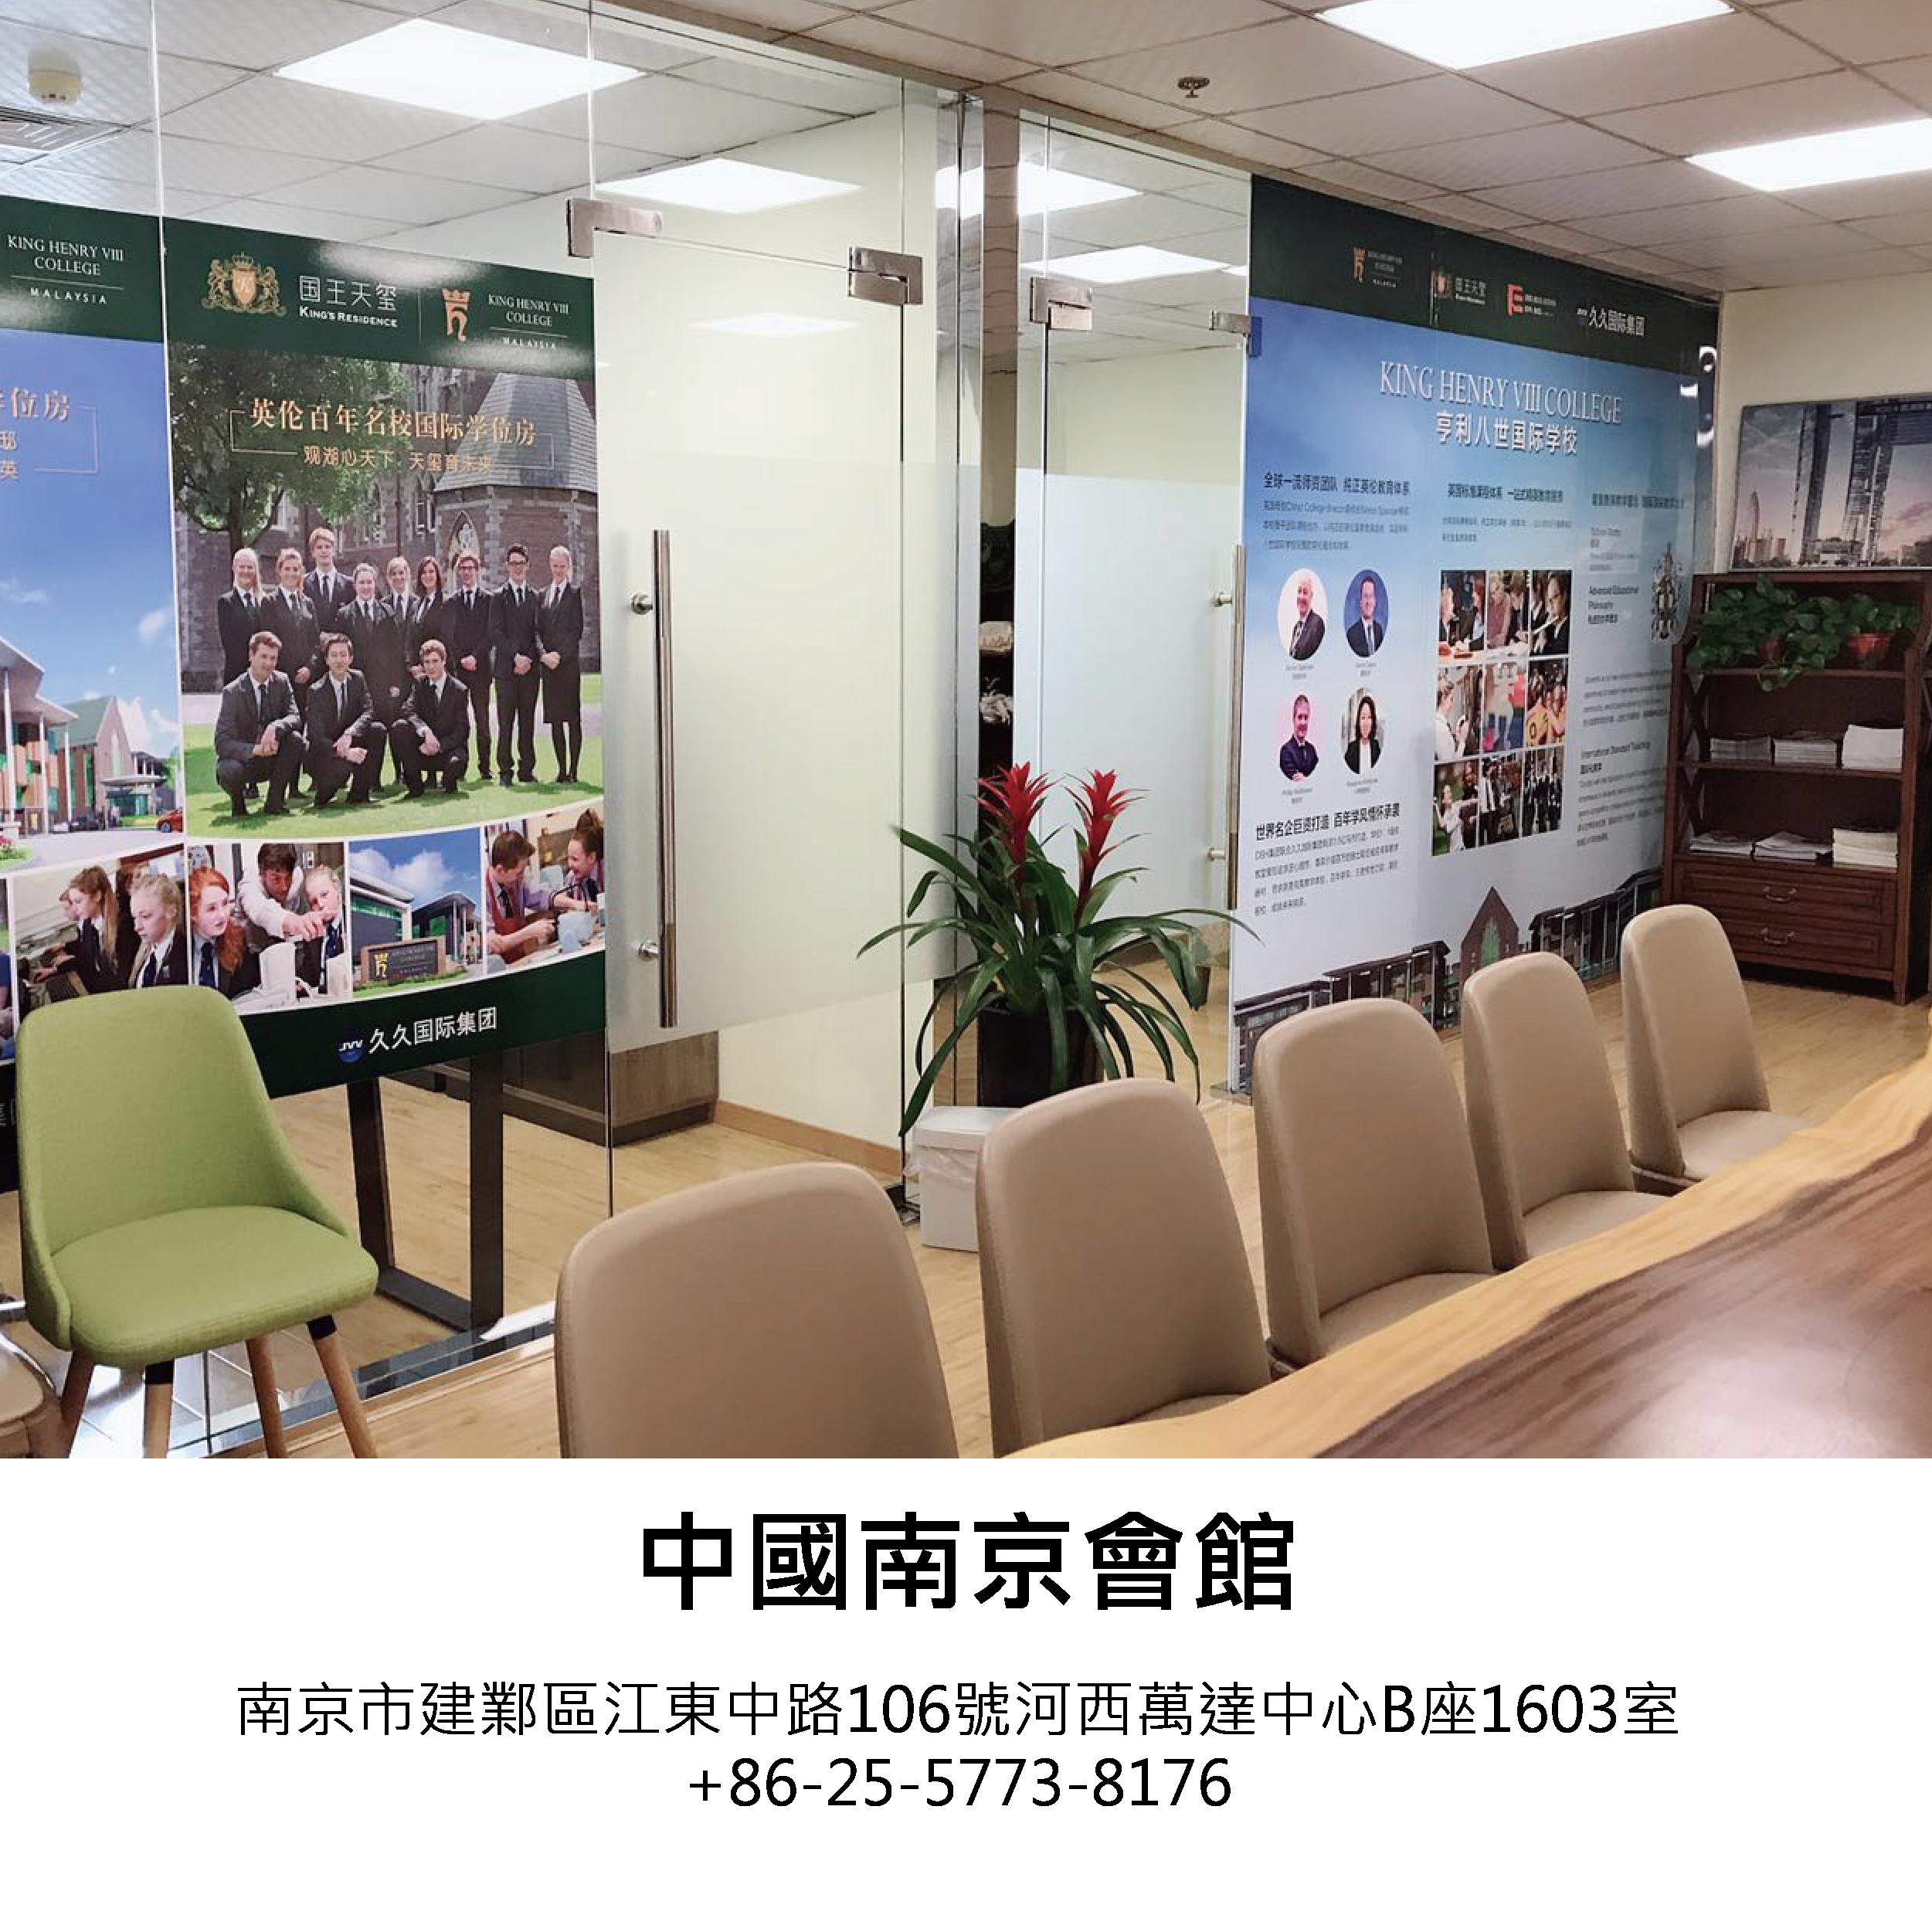 各區分公司資訊_工作區域 1 複本 南京